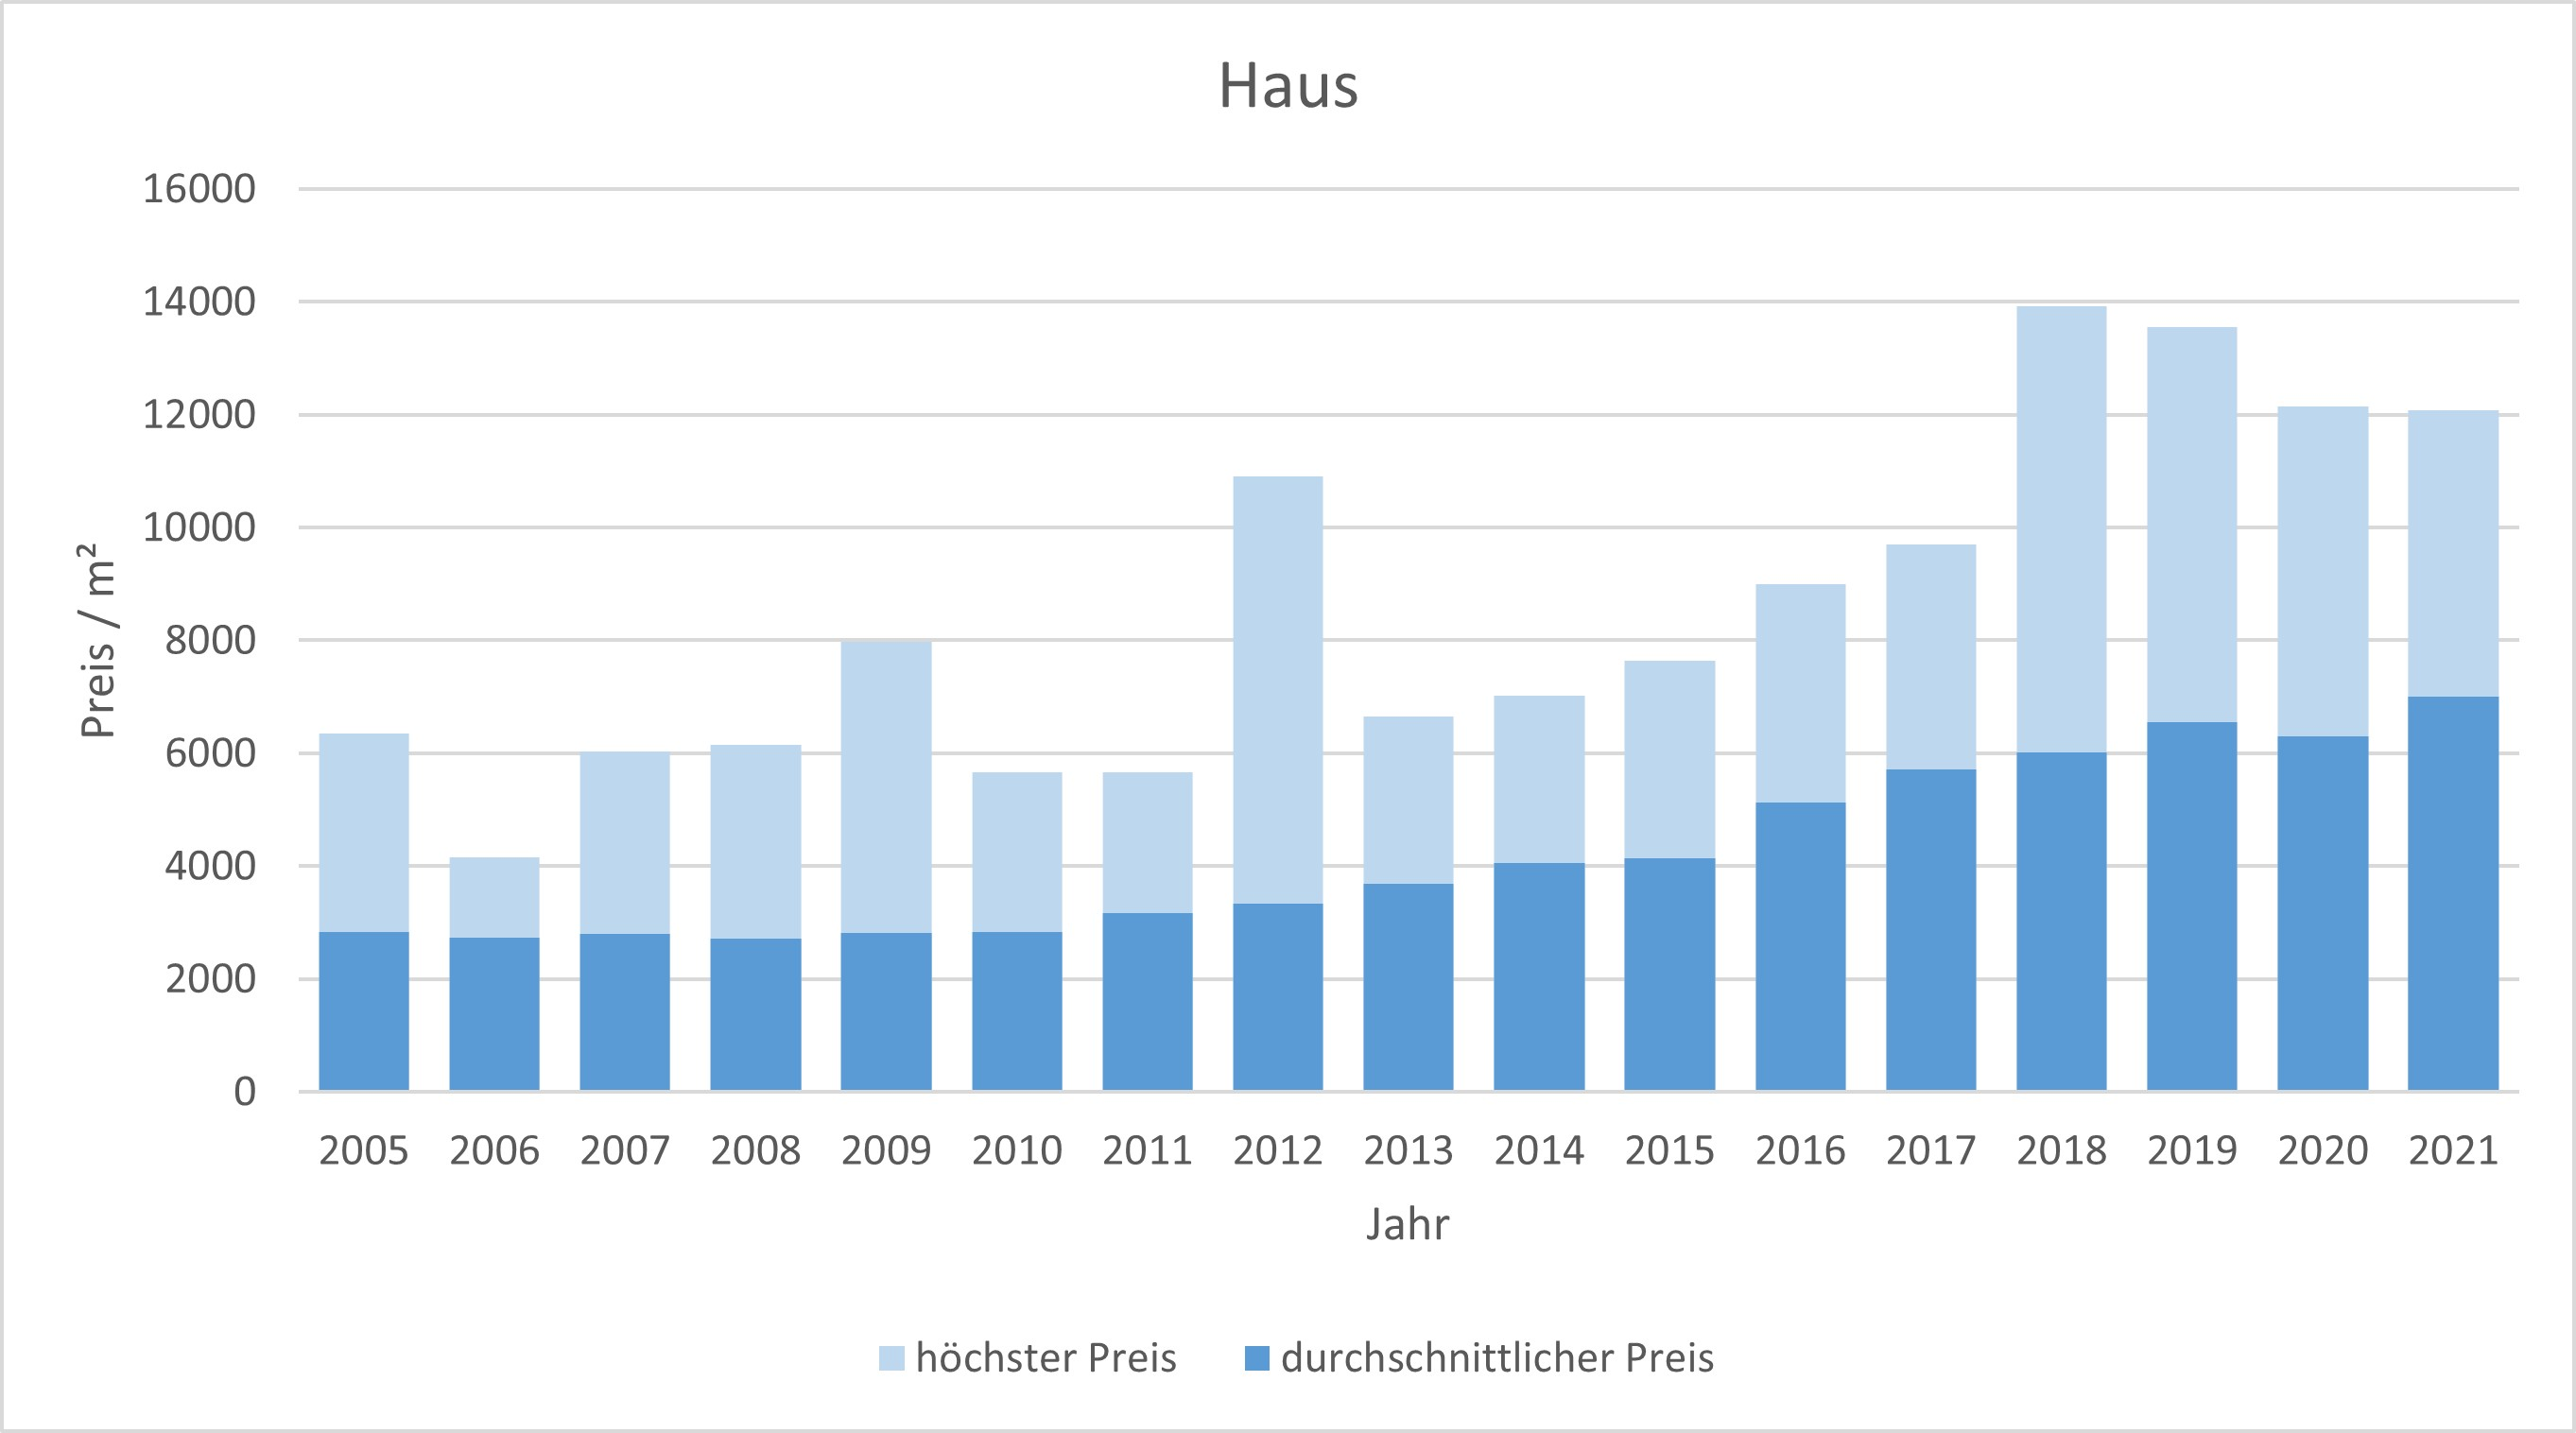 Dachau Haus kaufen verkaufen preis bewertung makler www.happy-immo.de 2019 2020 2021